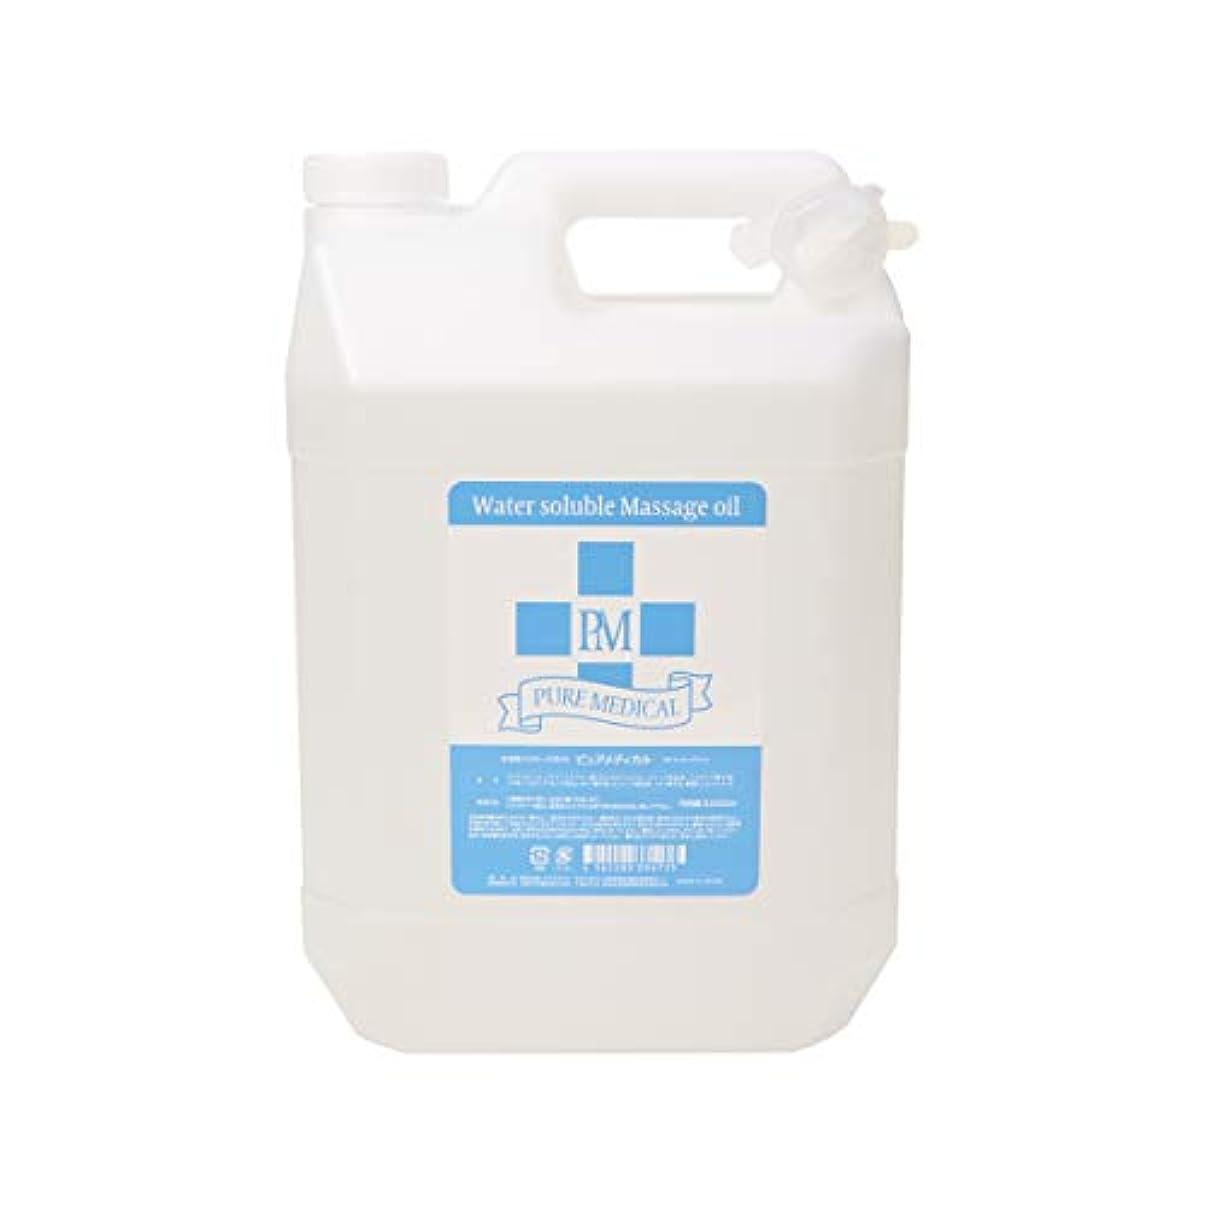 よく話されるスナップ事PURE MEDICAL(ピュアメディカル) 水溶性マッサージオイル 5L マッサージオイル ボディオイル PM 無香料 日本製 業務用 ボディ用